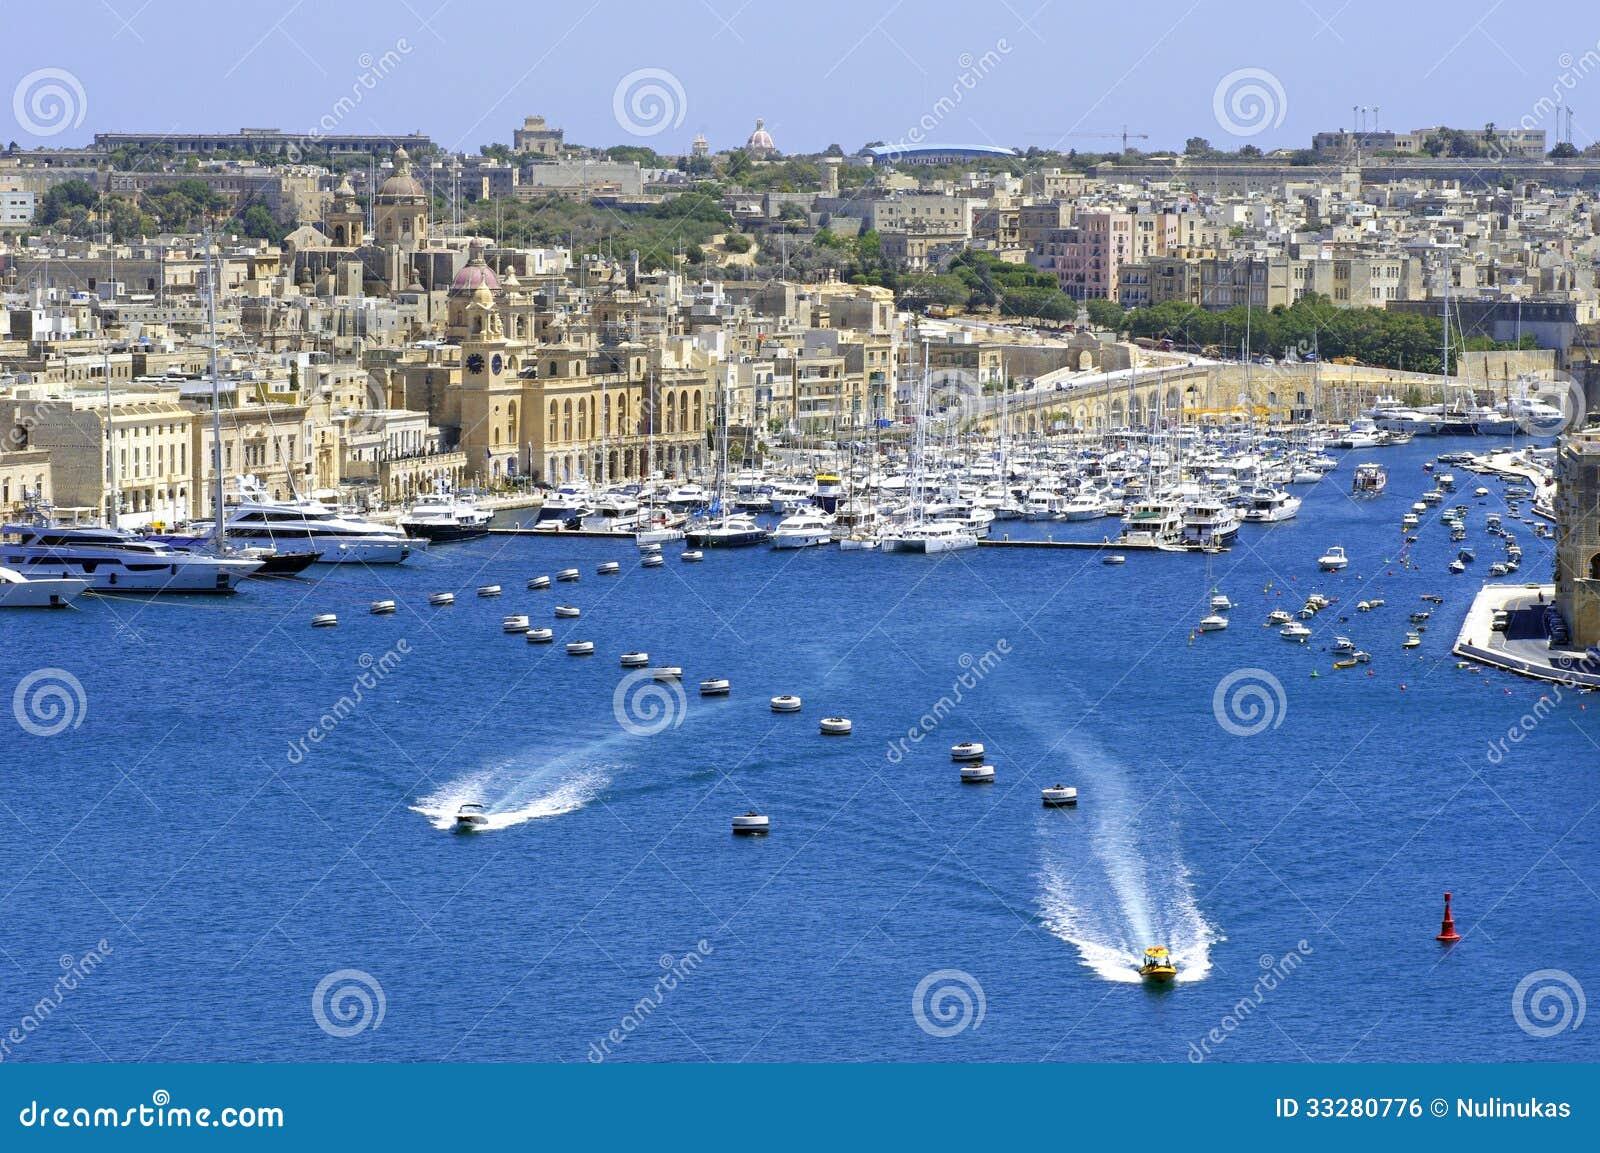 Paysage de ville sur le bord de la mer malte photo stock for Paysage de ville